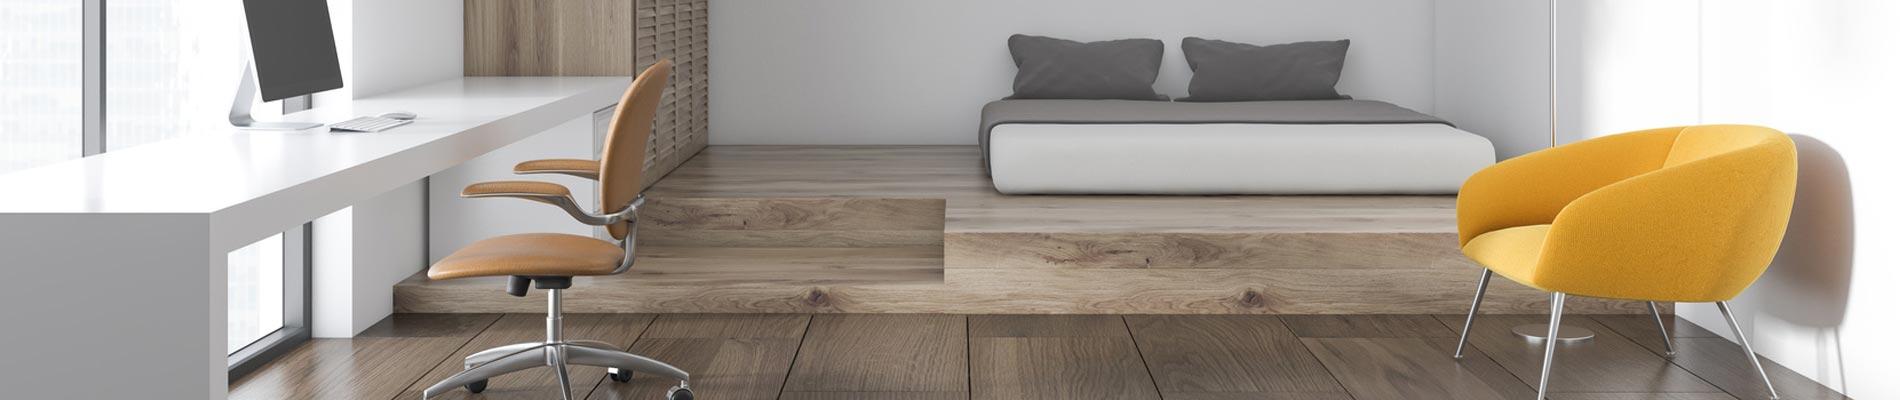 Schlafzimmermöbel vom Schreiner, Müller Werkstätte